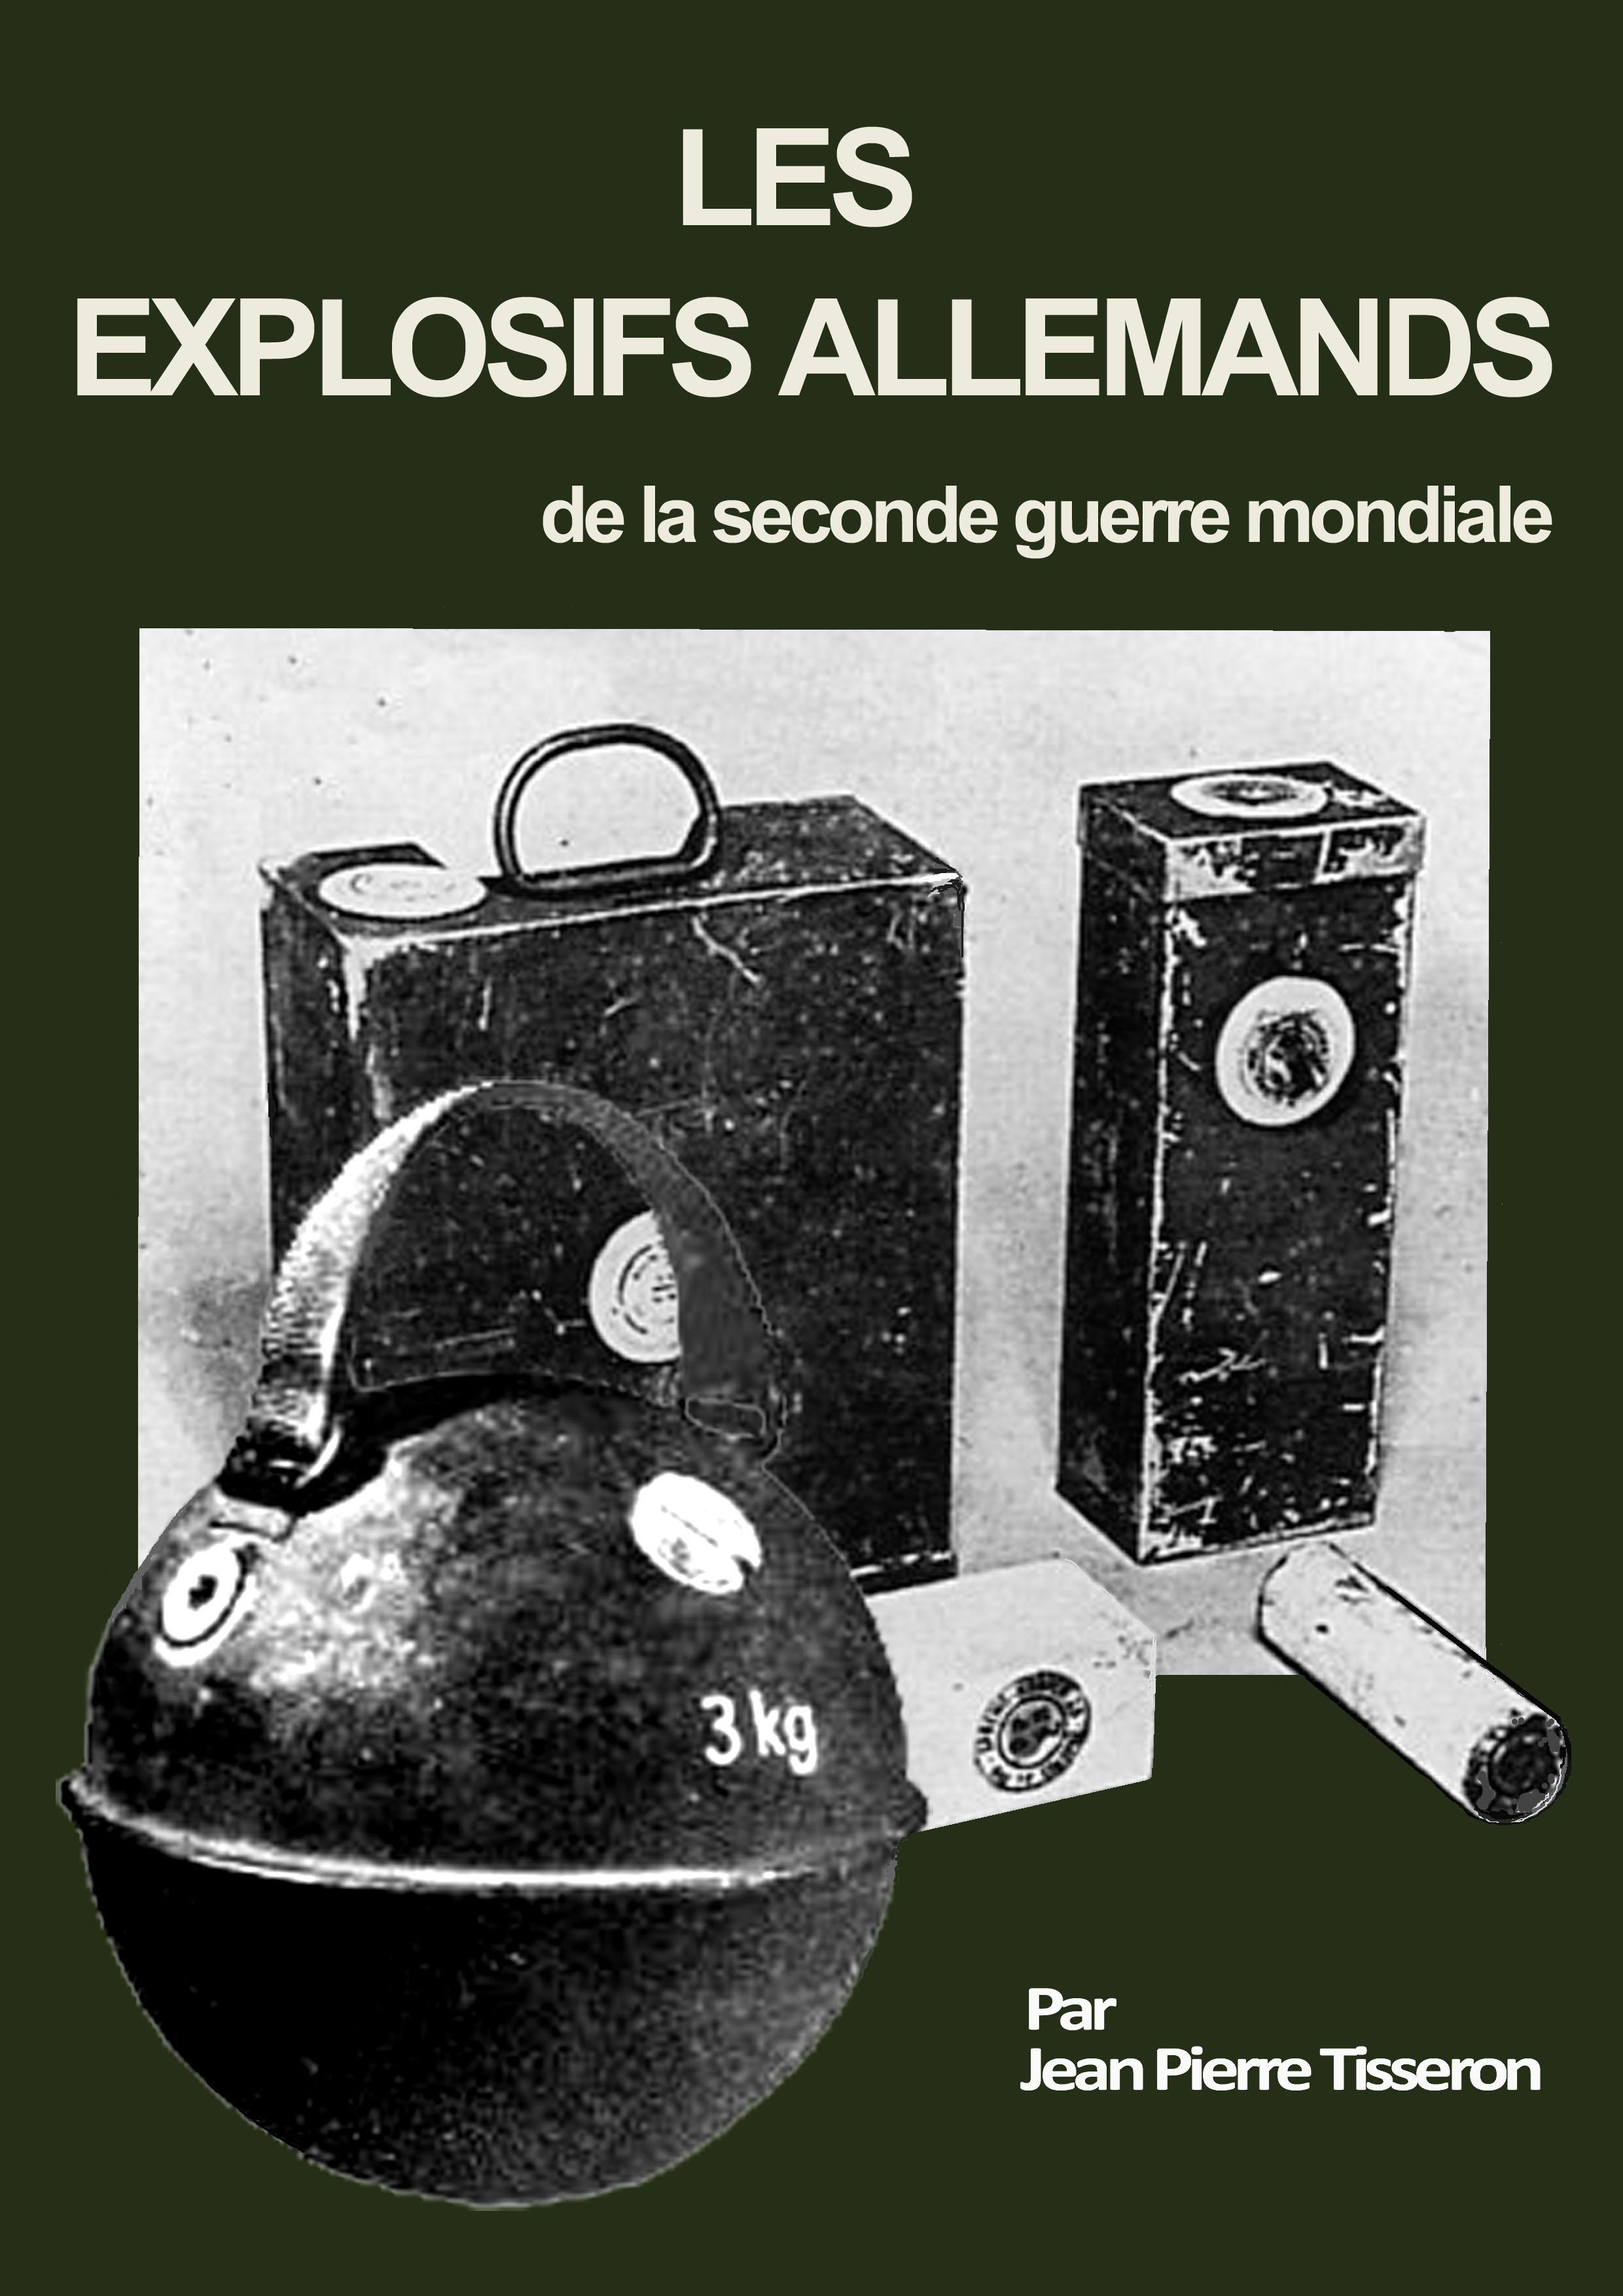 Les explosifs allemands de la seconde guerre mondiale